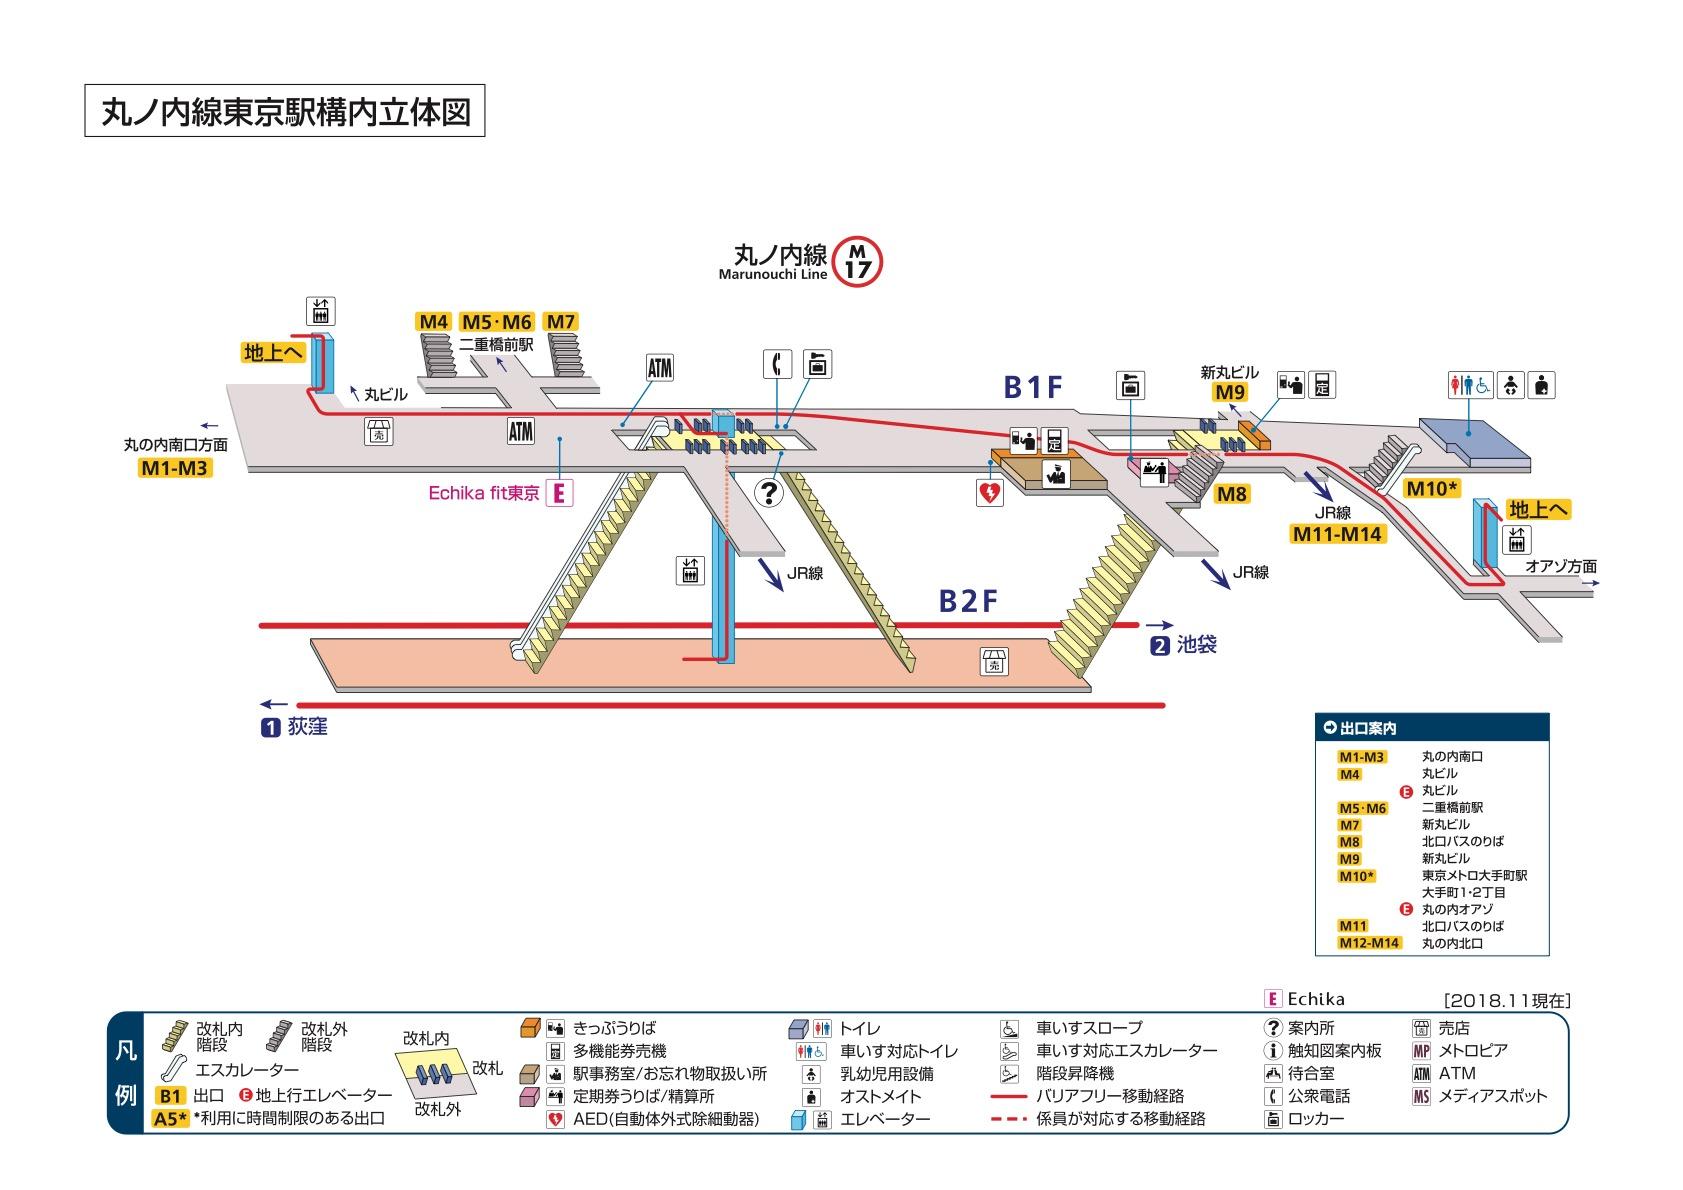 池袋駅構内図・わかりやすいのはここ! | くらしメディア